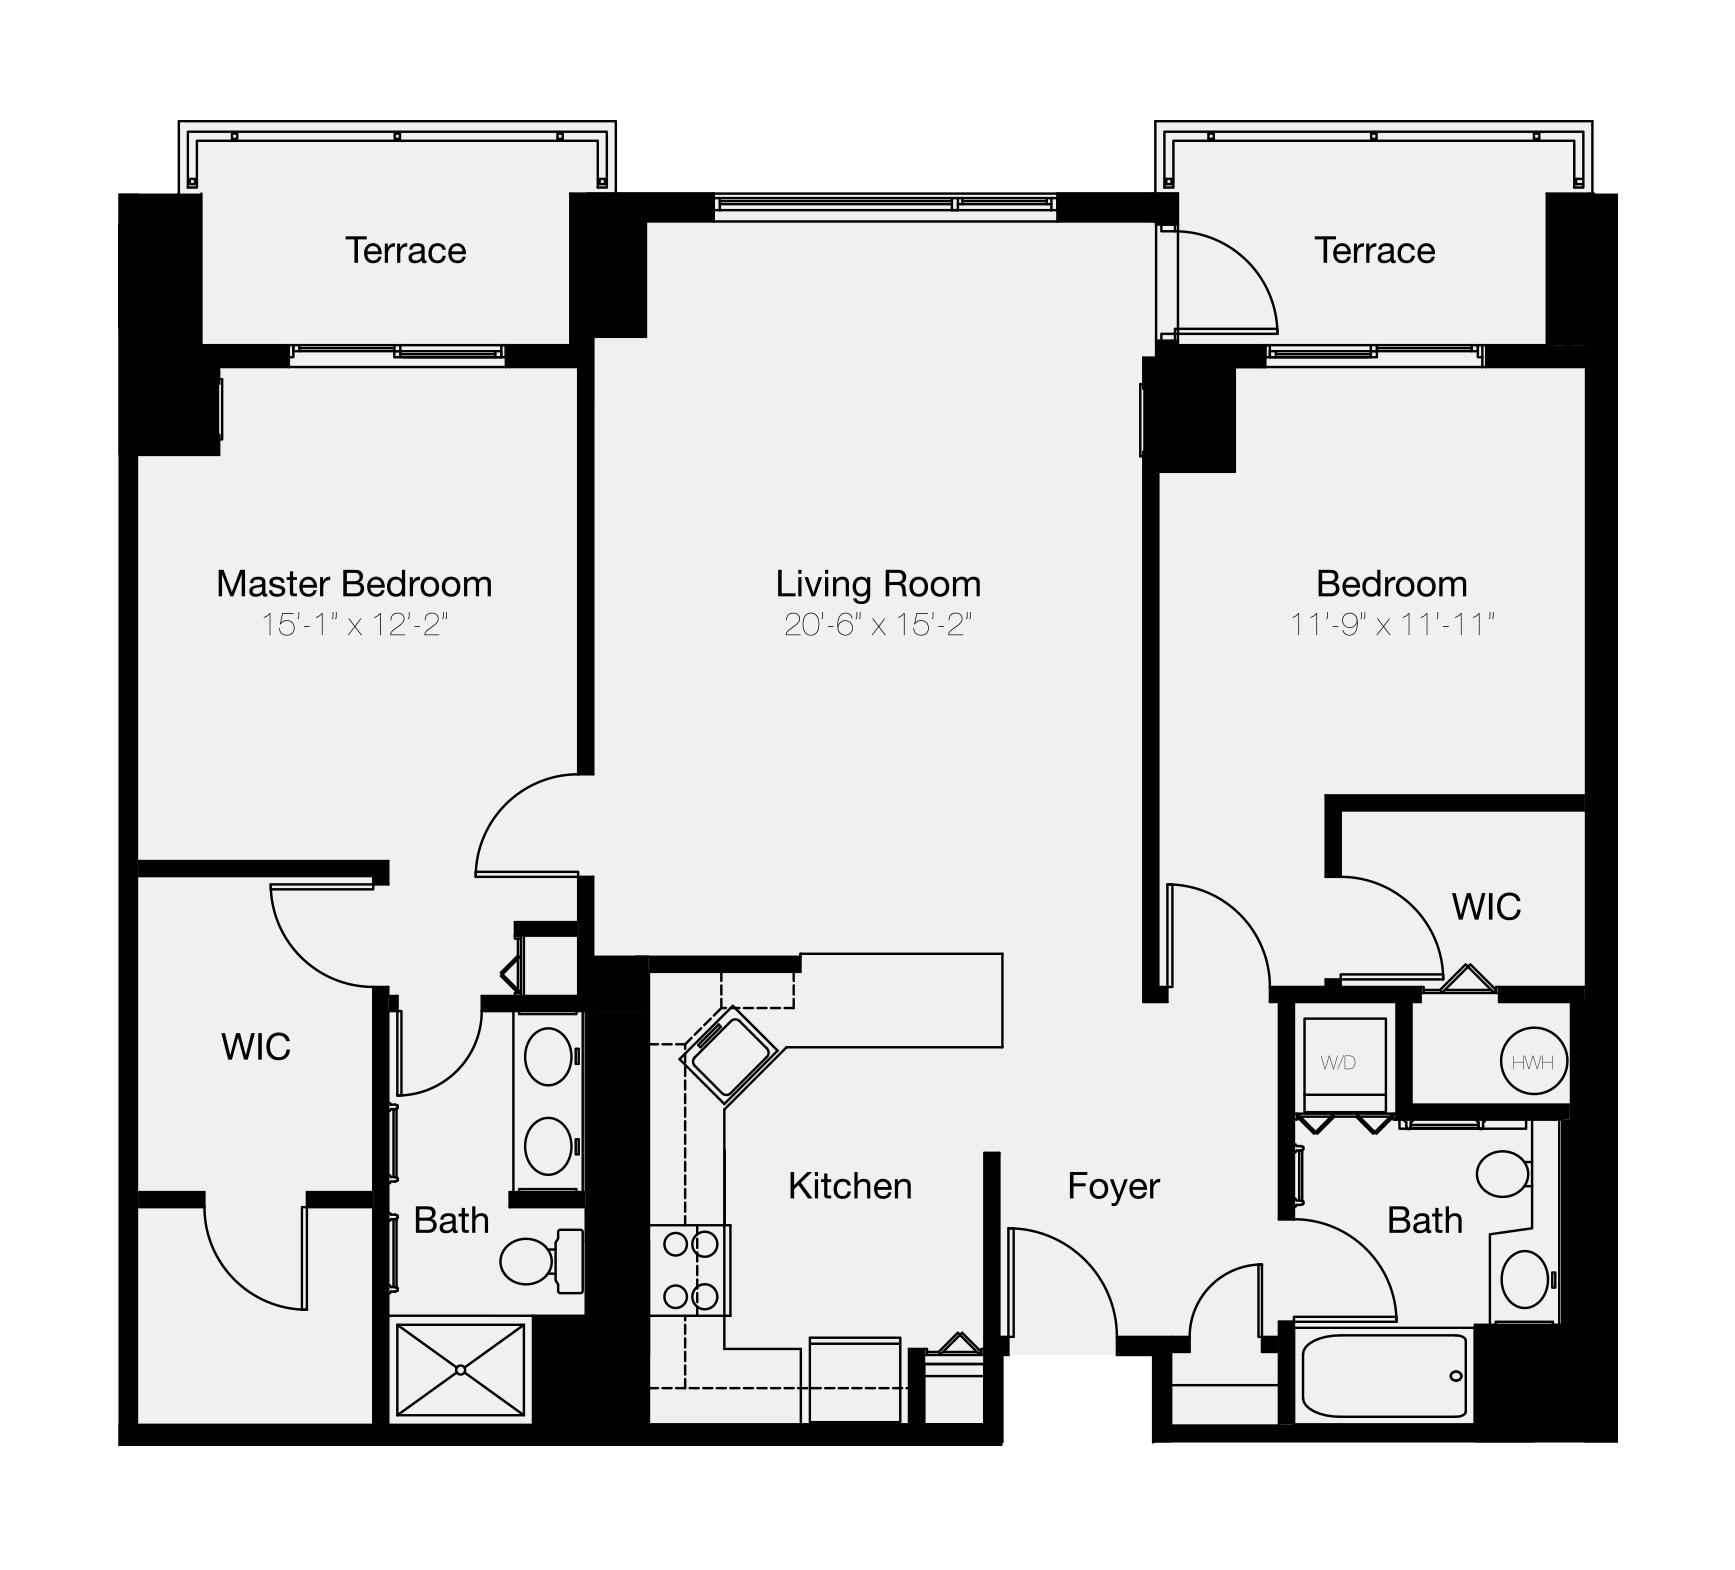 2-bedroom condo for sale in Center City Philadelphia